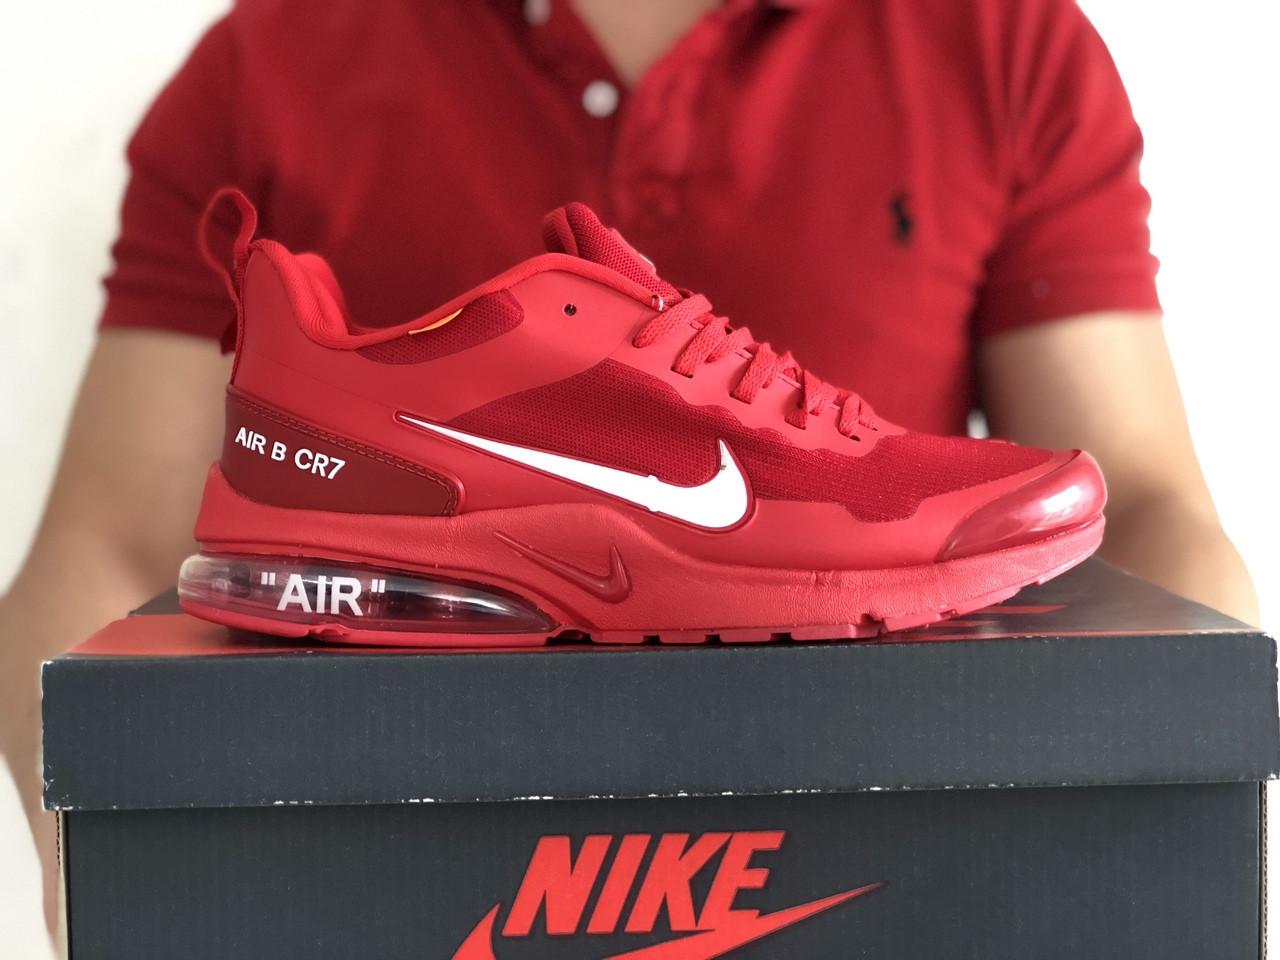 Мужские кроссовки Nike Air Presto CR7 (красные) 9275